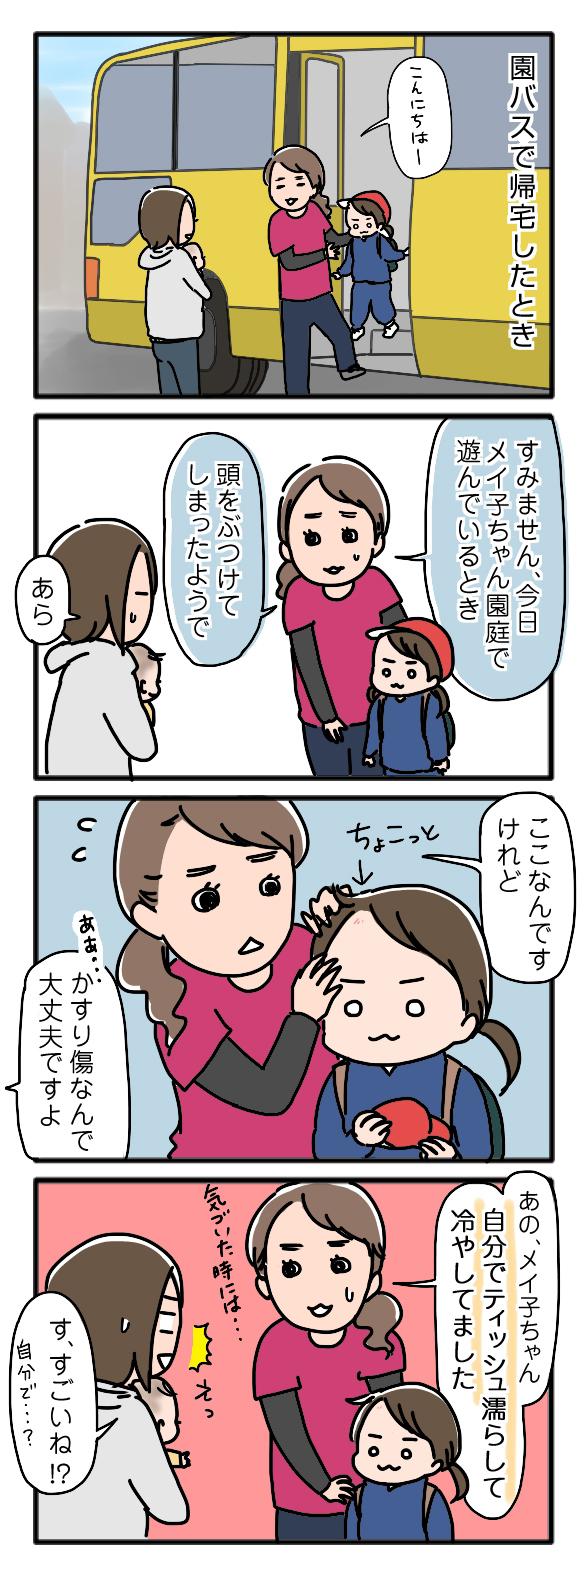 幼稚園で頭をぶつけた!そんな時の娘の対応に驚き!!の画像1